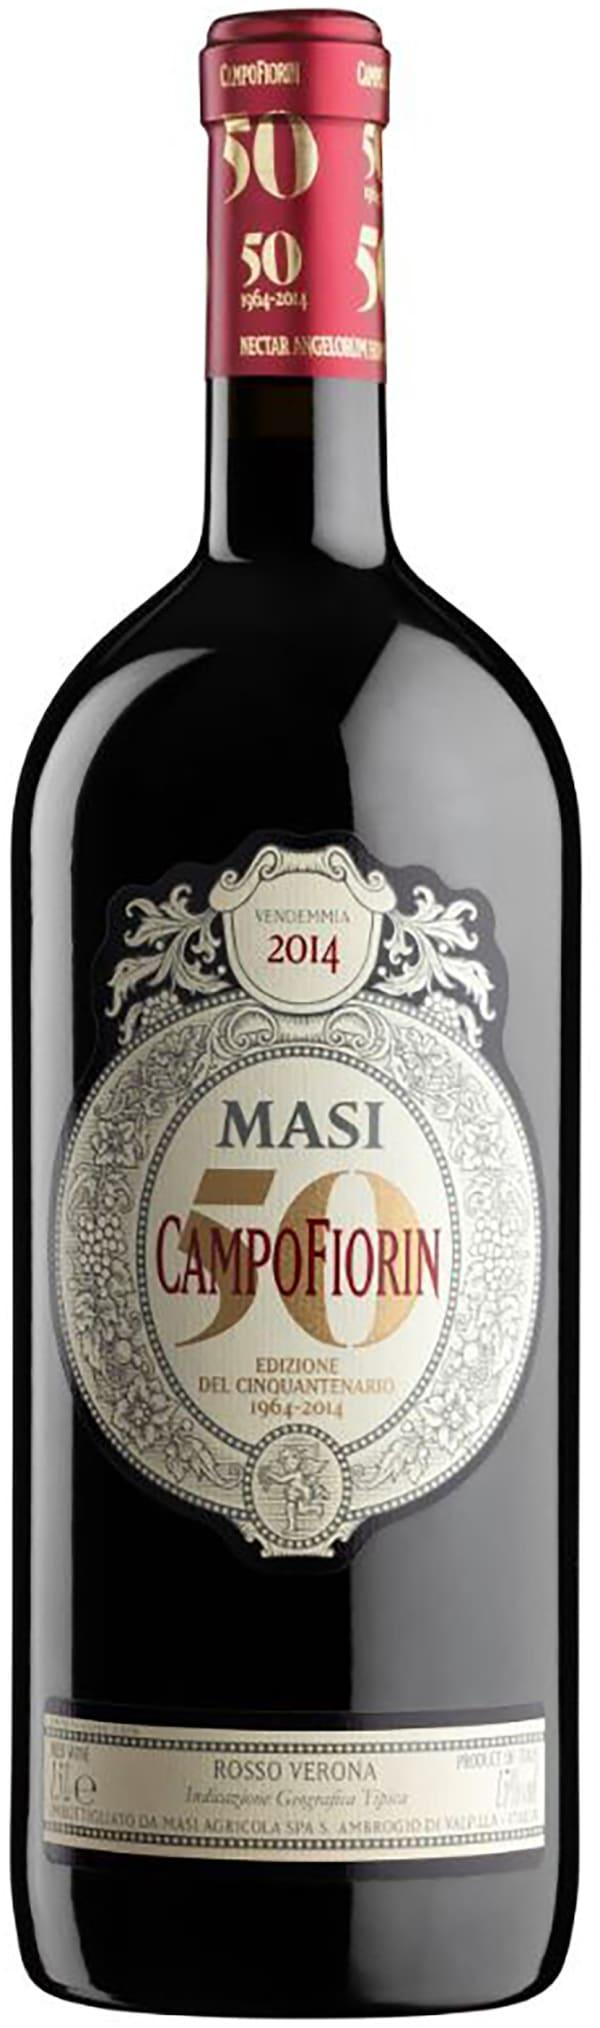 Masi Campofiorin  2013